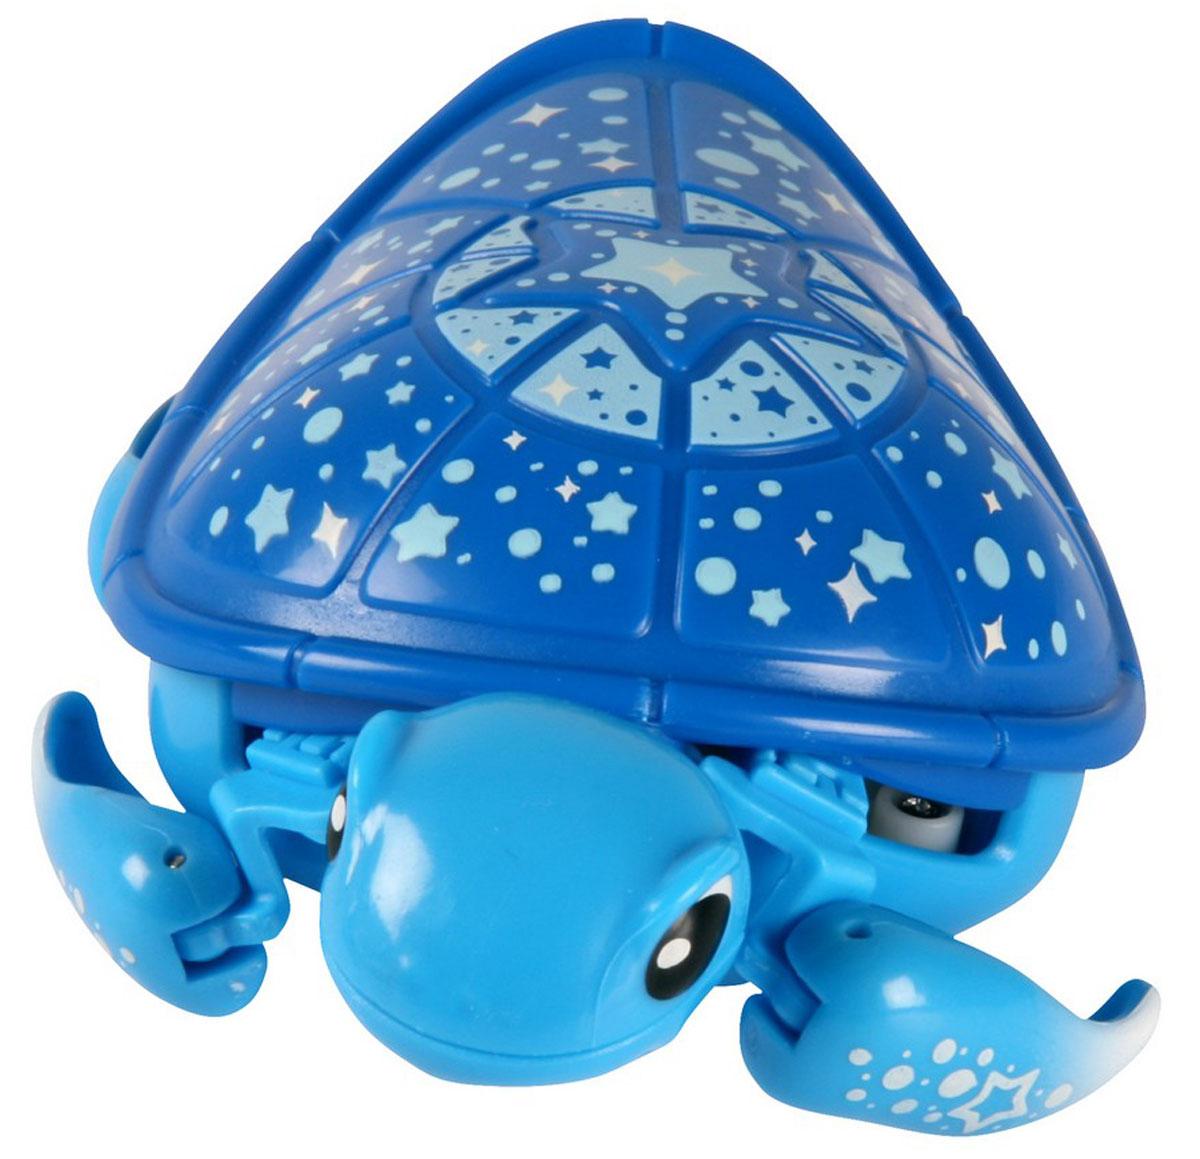 Moose Интерактивная игрушка Черепашка в аквариуме 2816728167Интерактивная игрушка Moose Черепашка в аквариуме без сомнения заинтригует детей, которые очень любят животных. Игрушка выполнена из прочных материалов и обладает интересным окрасом. От своих живых собратьев черепашка отличается яркой расцветкой. Голова и ласты выкрашены в голубой цвет, а ее синий панцирь украшен разнообразными звездочками. На брюшке черепахи находится кнопка для включения - выключения игрушки. Питомец отлично ползает по суше, а так же плавает в воде. При движении черепашка передвигает ластами и шевелит головой словно настоящая. В комплекте с черепашкой идет специальная коробка с ручкой. Ее можно использовать для переноски питомца или же, как аквариум. Дно коробки имитирует берег и песчаное дно. Оно не пропускает воду. Купание с таким питомцем обязательно вызовет у ребенка неподдельный восторг, даже нелюбимое занятие как мытье головы пройдет незамеченным. Для работы понадобится батарейка типа ААА (в комплект не входит).